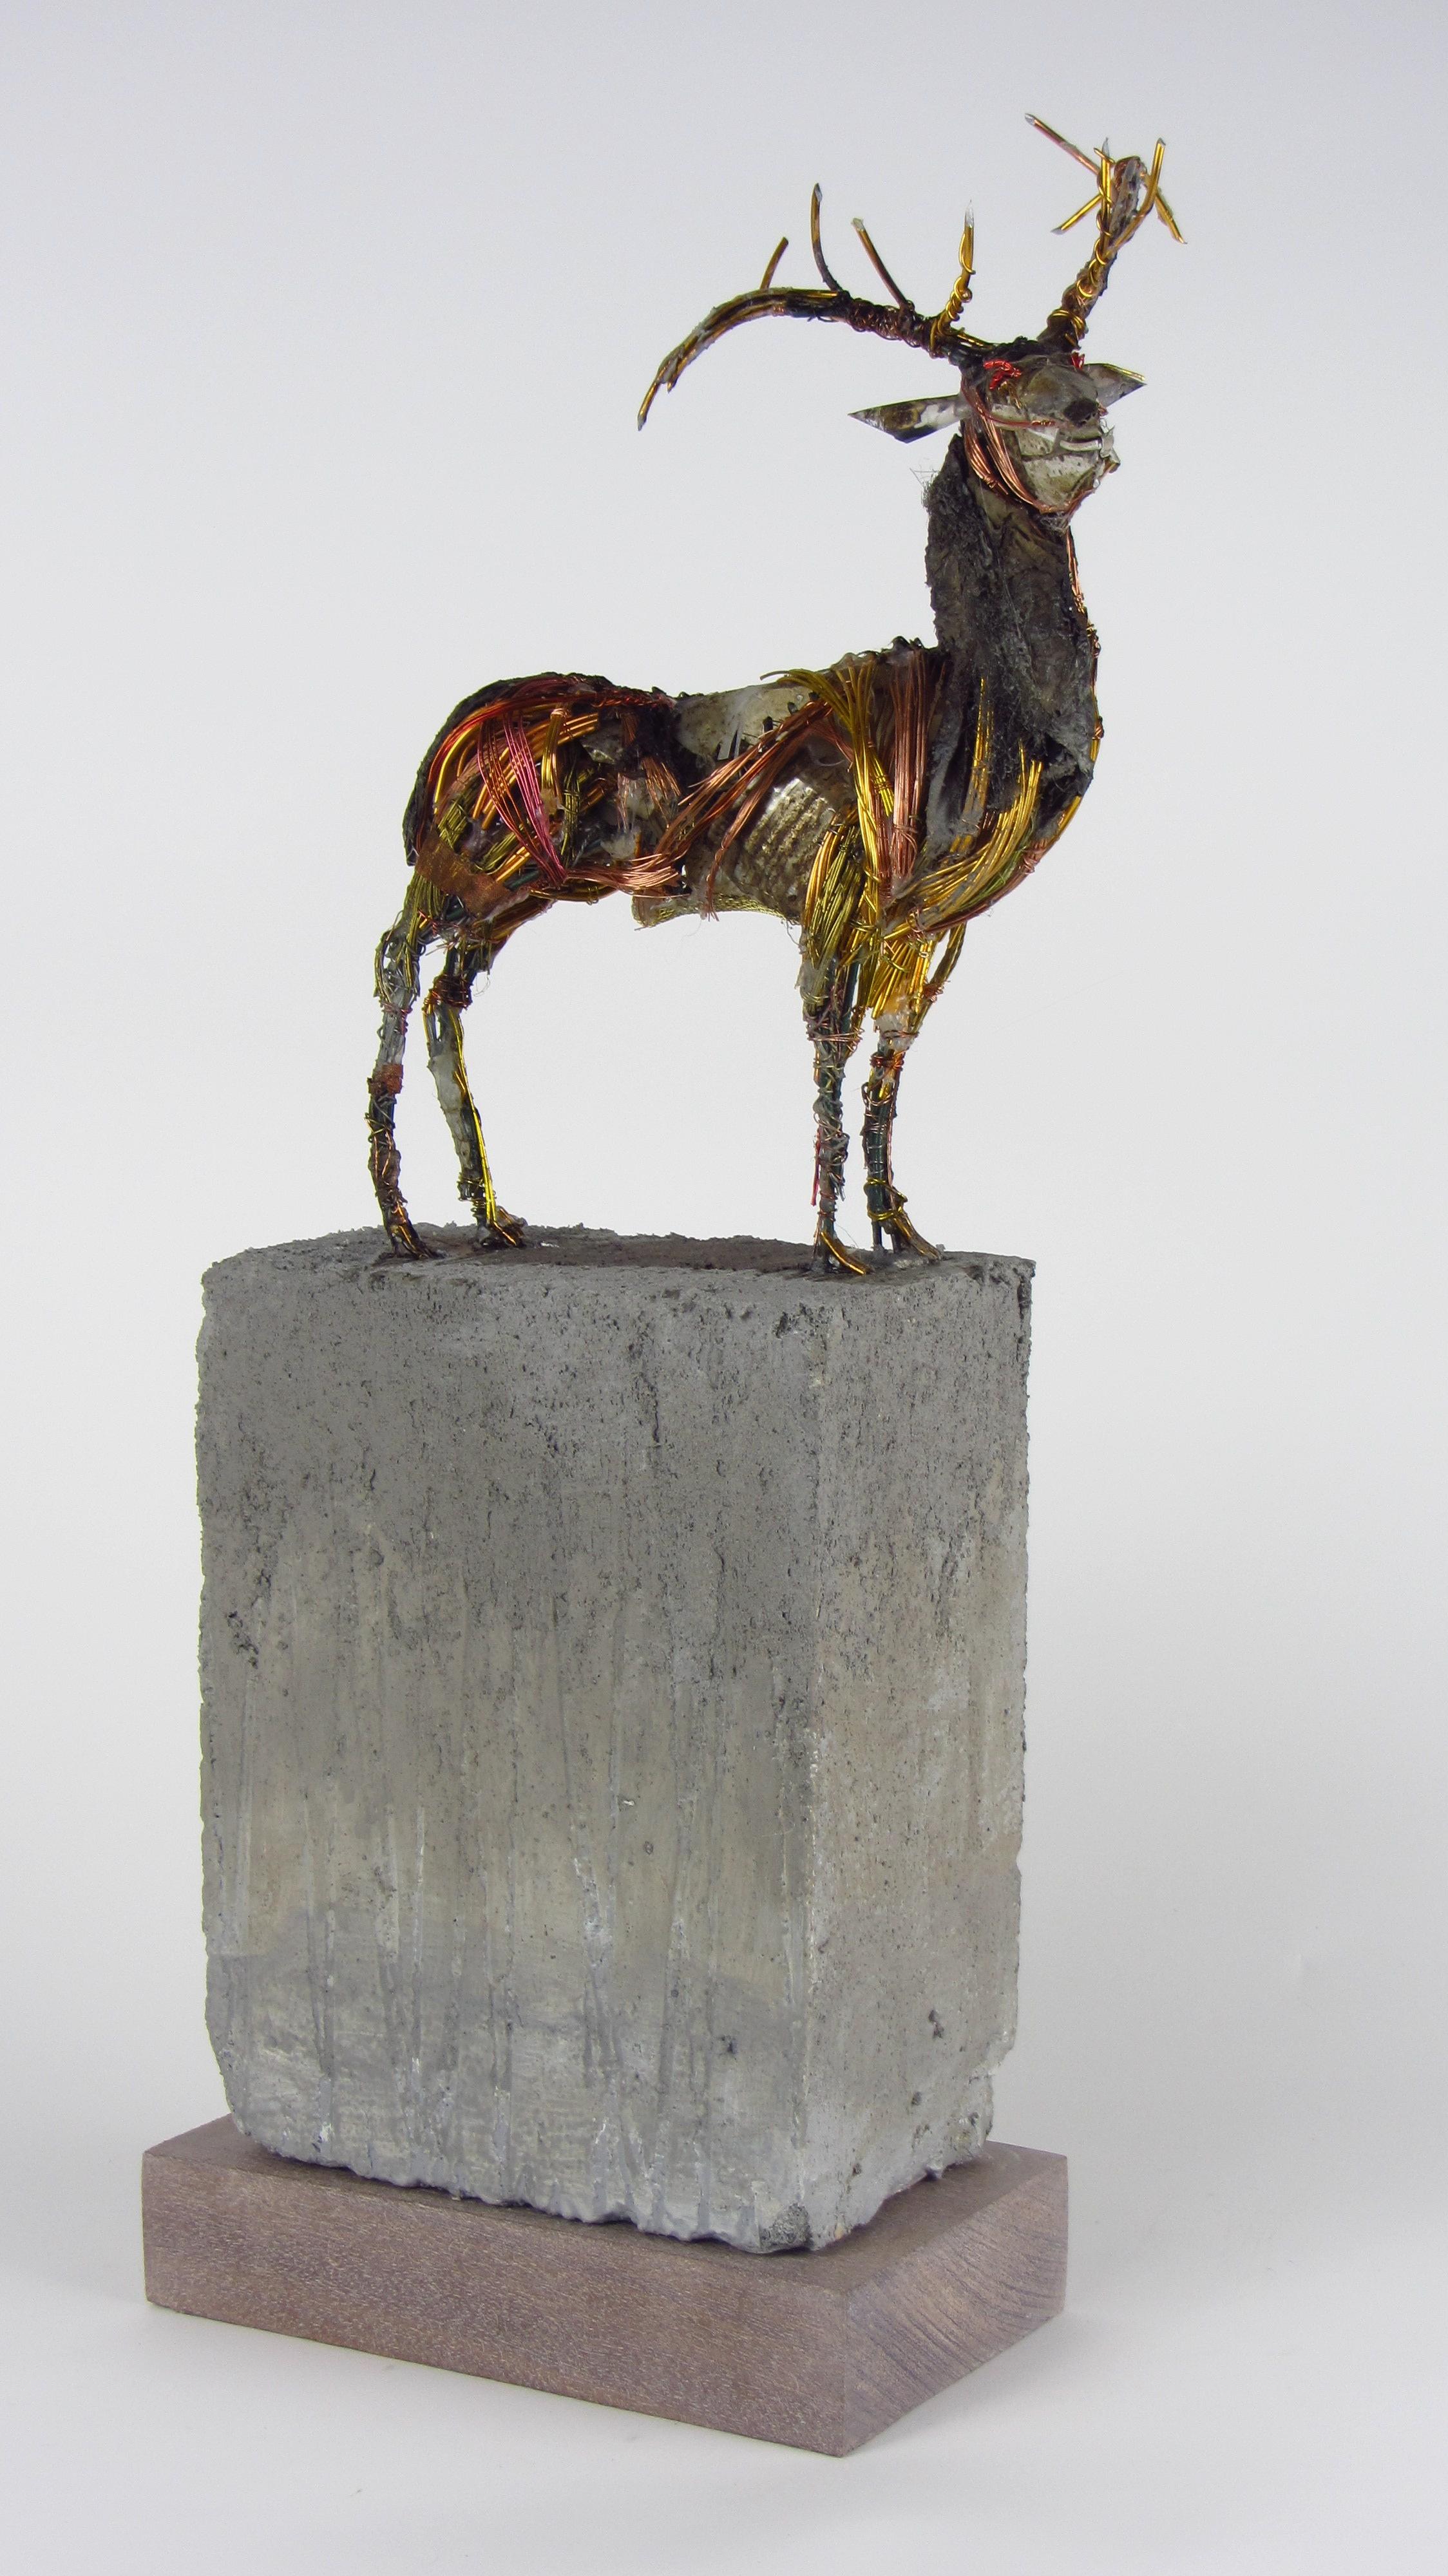 'Elemental' by artist Mark Gibbs